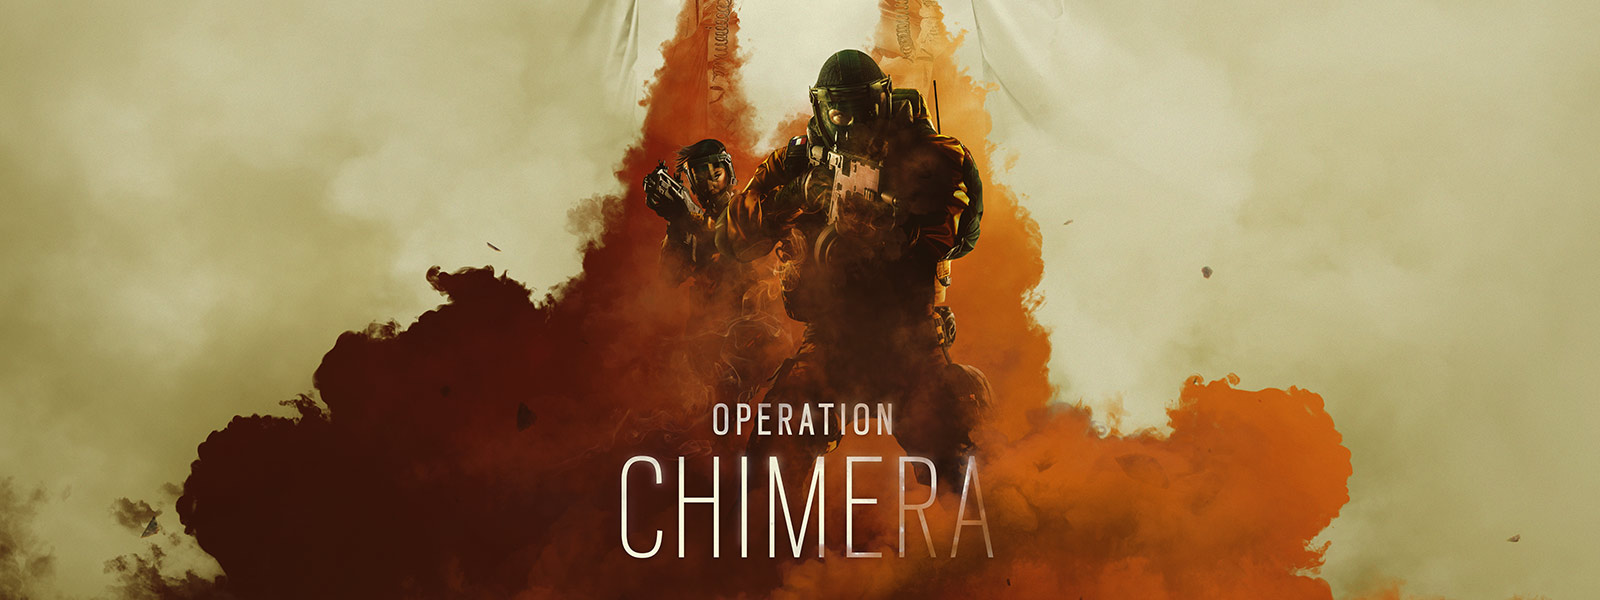 Dwóch operatorów z Operacji Chimera w maskach przeciwgazowych przedzierających się przez opary pomarańczowego gazu